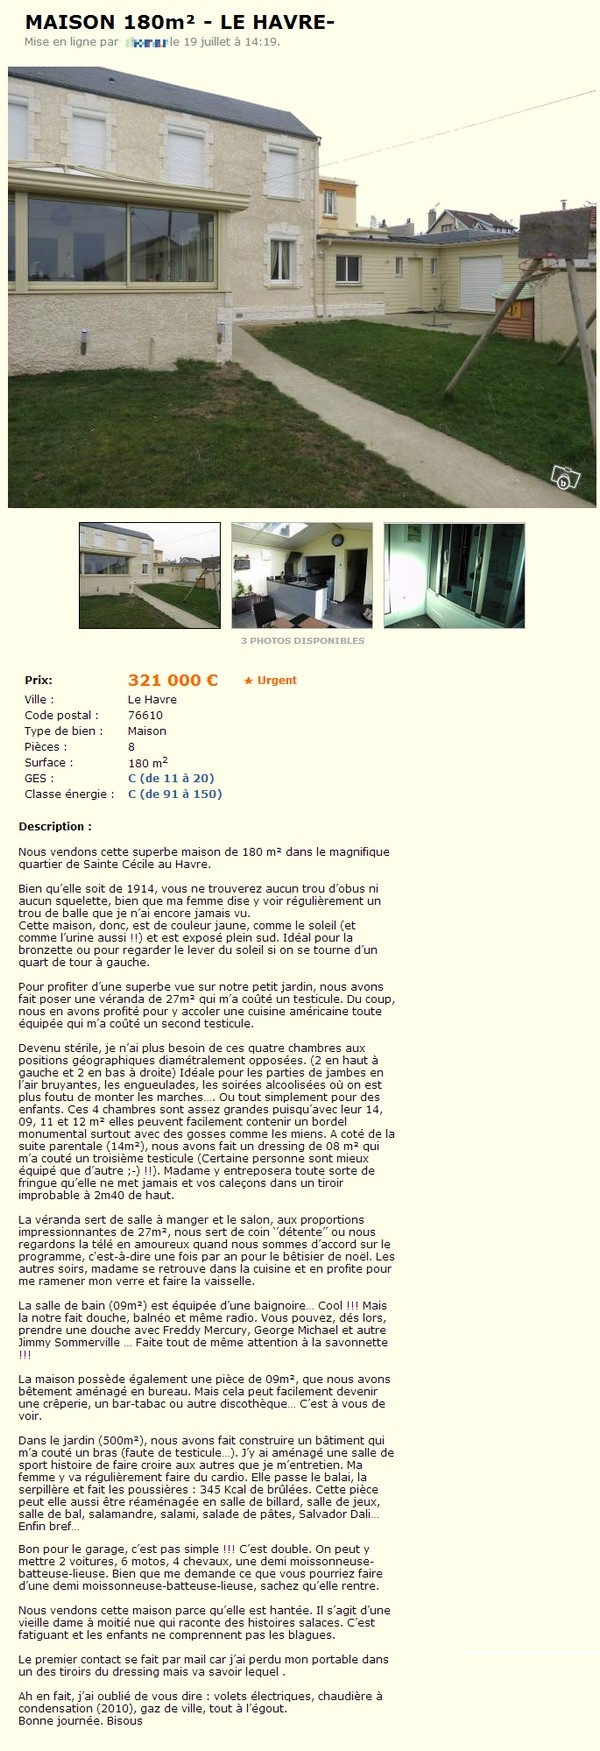 Le Bon Coin Cuisines Equipees la pire annonce pour vendre une maison sur le bon coin